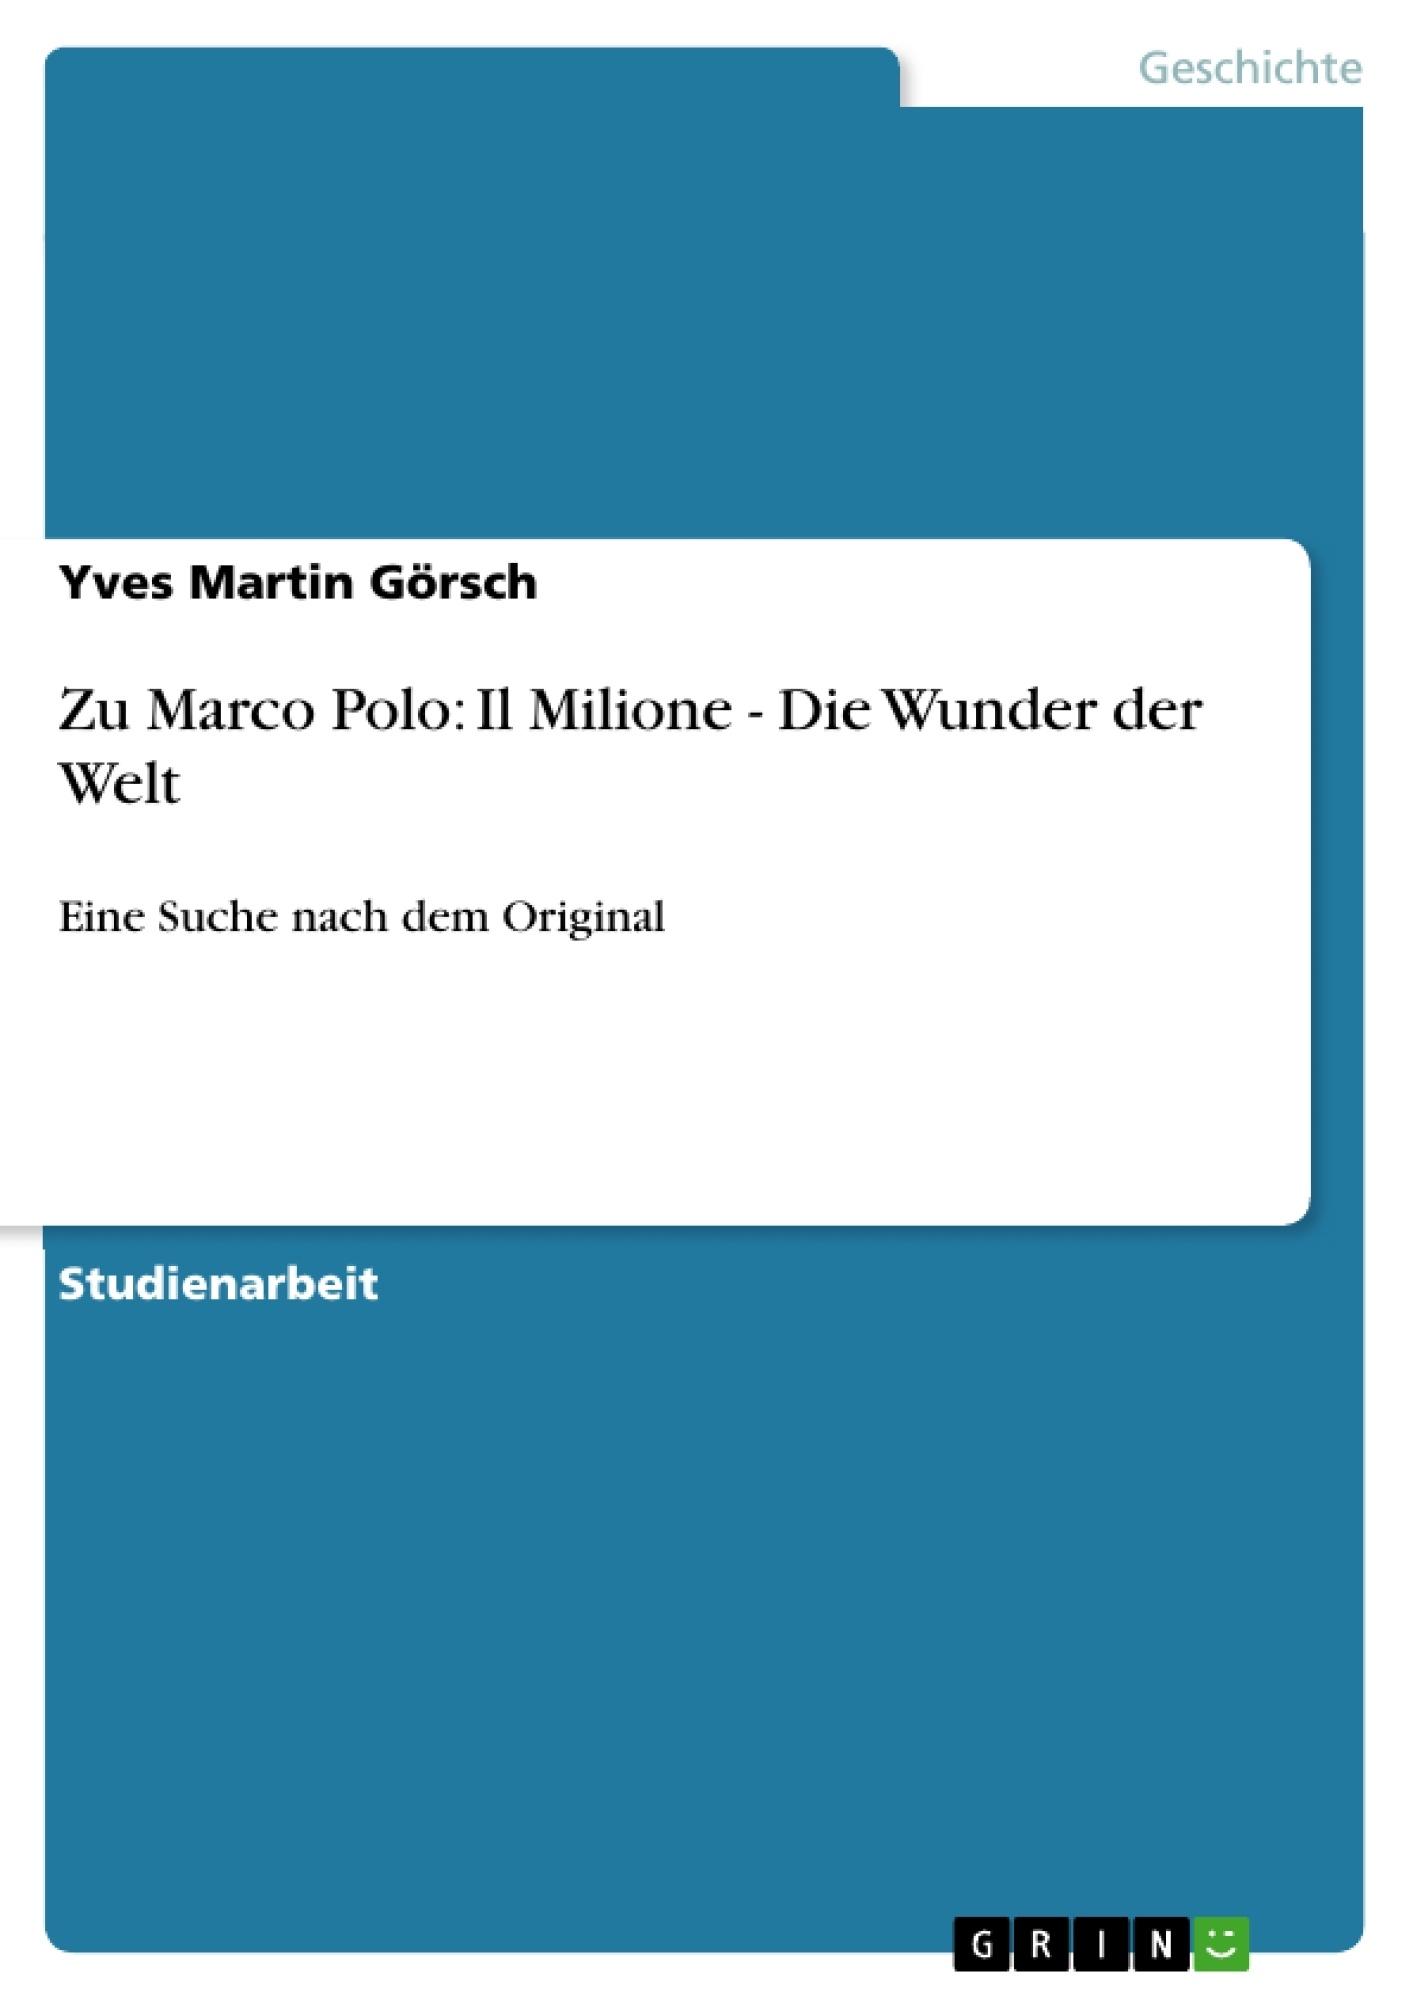 Titel: Zu Marco Polo: Il Milione - Die Wunder der Welt